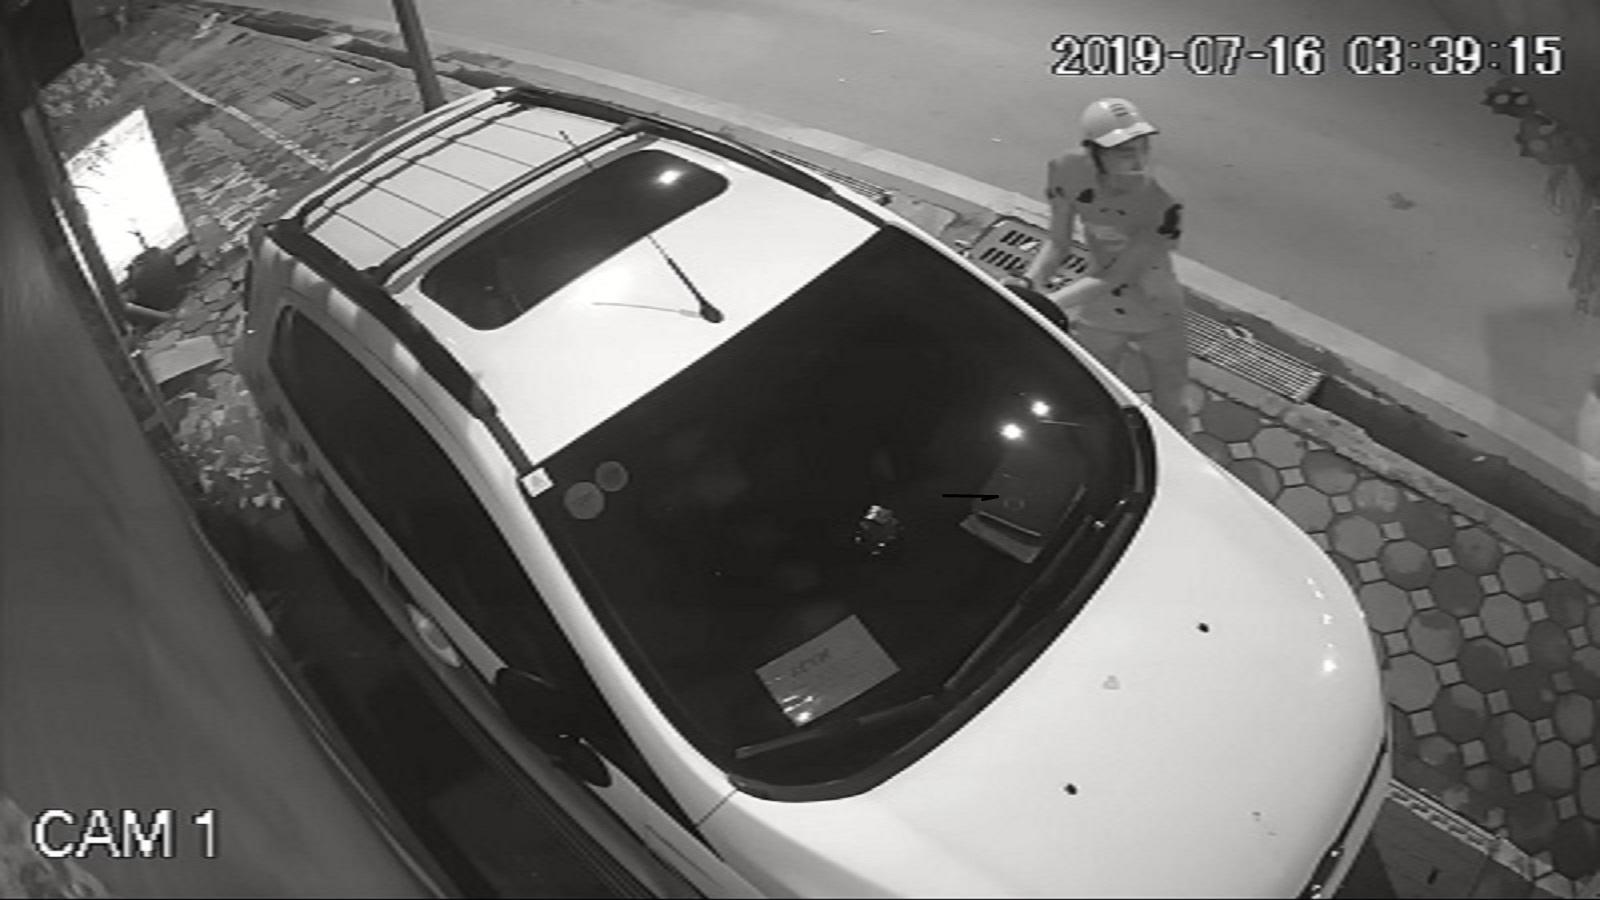 Hà Nội: Siêu trộm vặt gương ô tô Ford chưa đến 10 giây